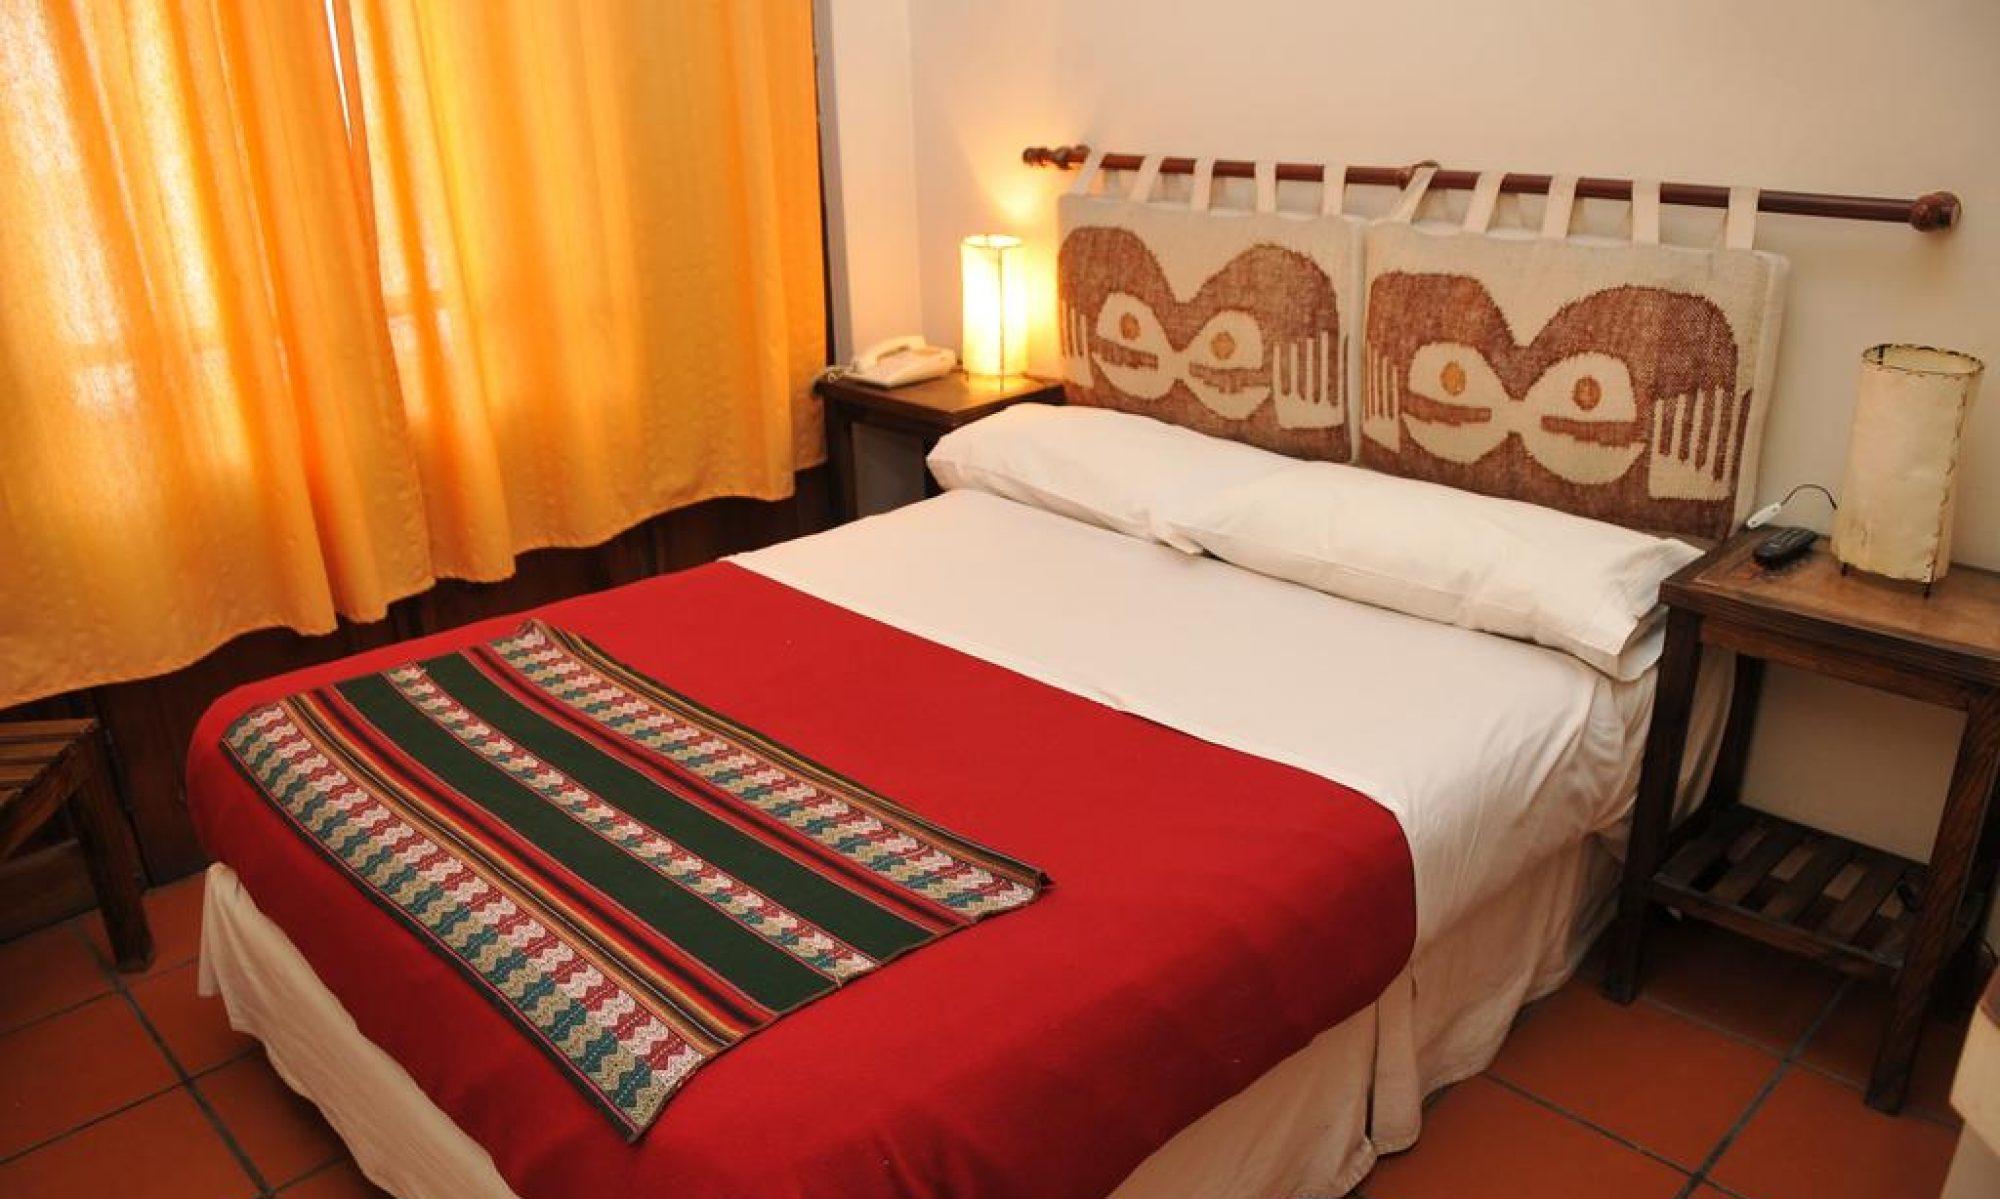 Alojamiento en Salta Hotel en Salta Hotel Refugio del Inca Salta Argentina